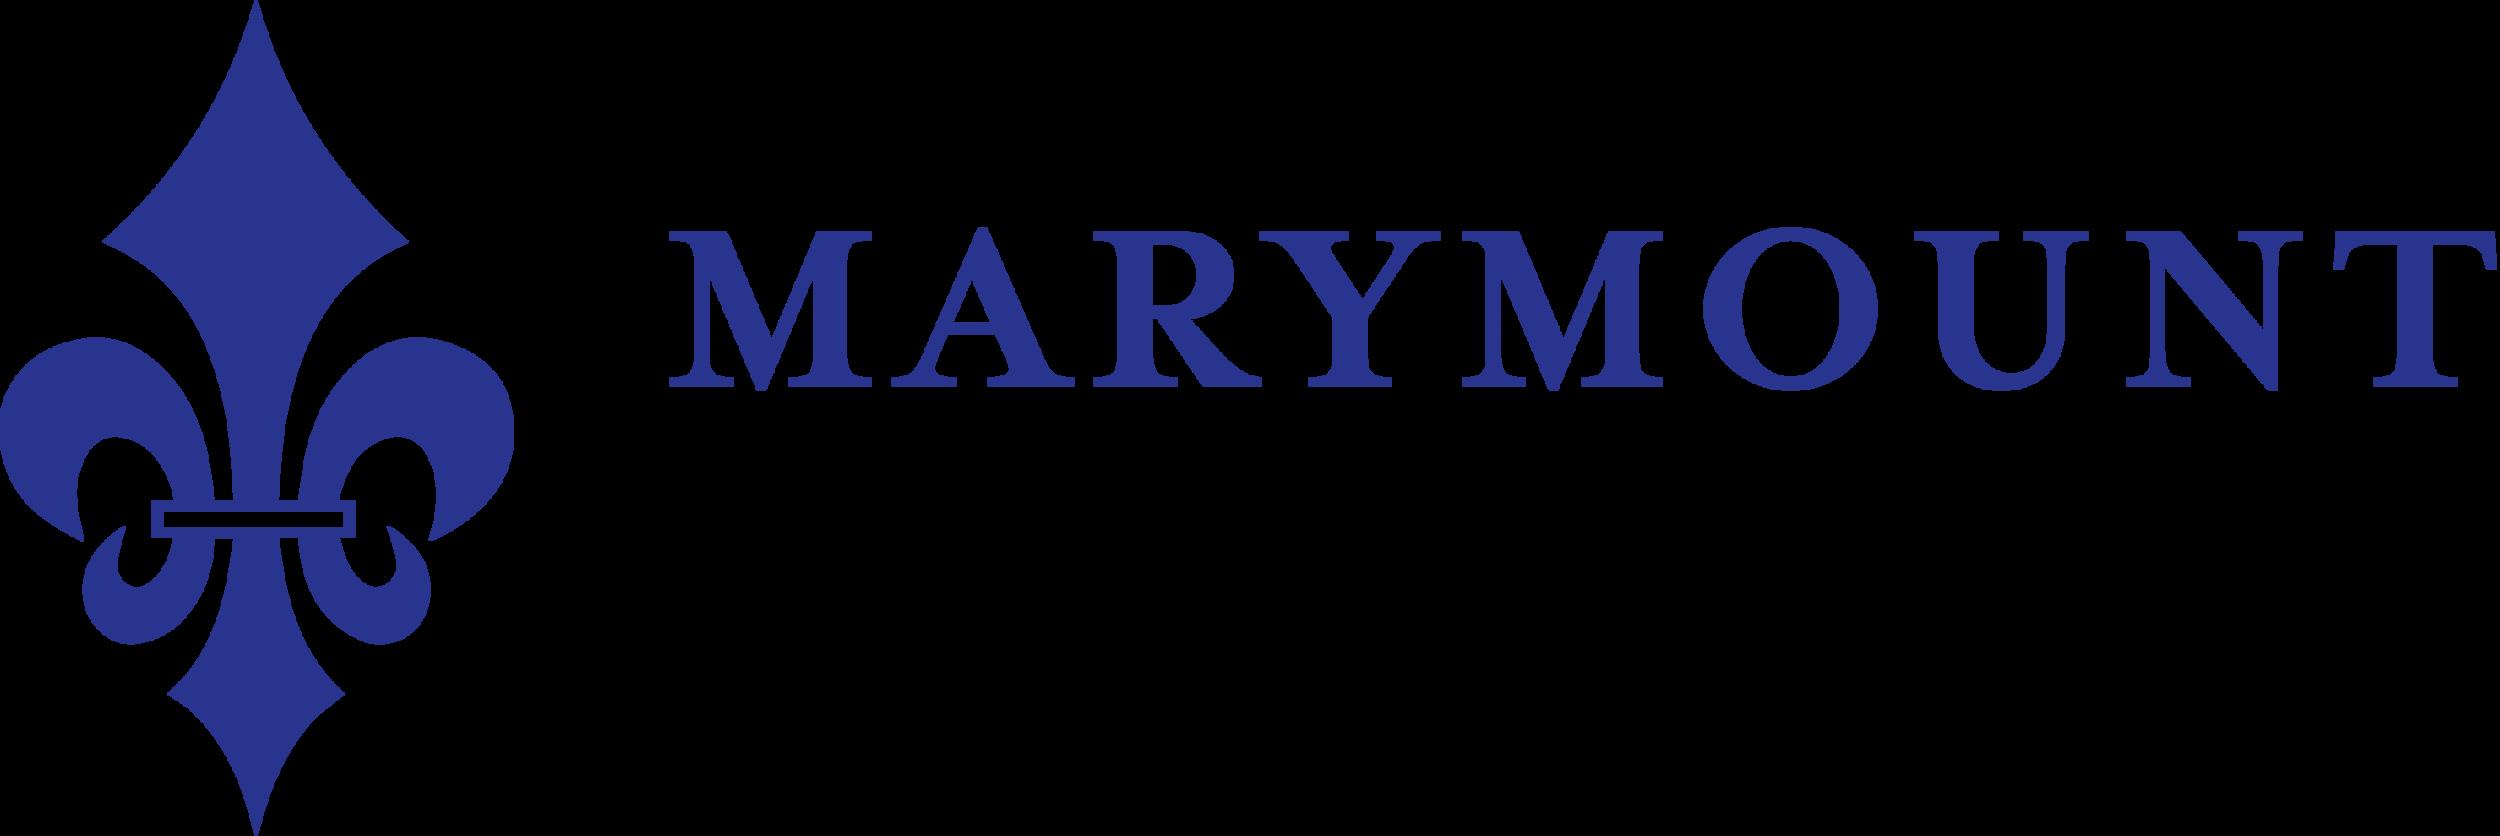 玛丽蒙特大学 商标